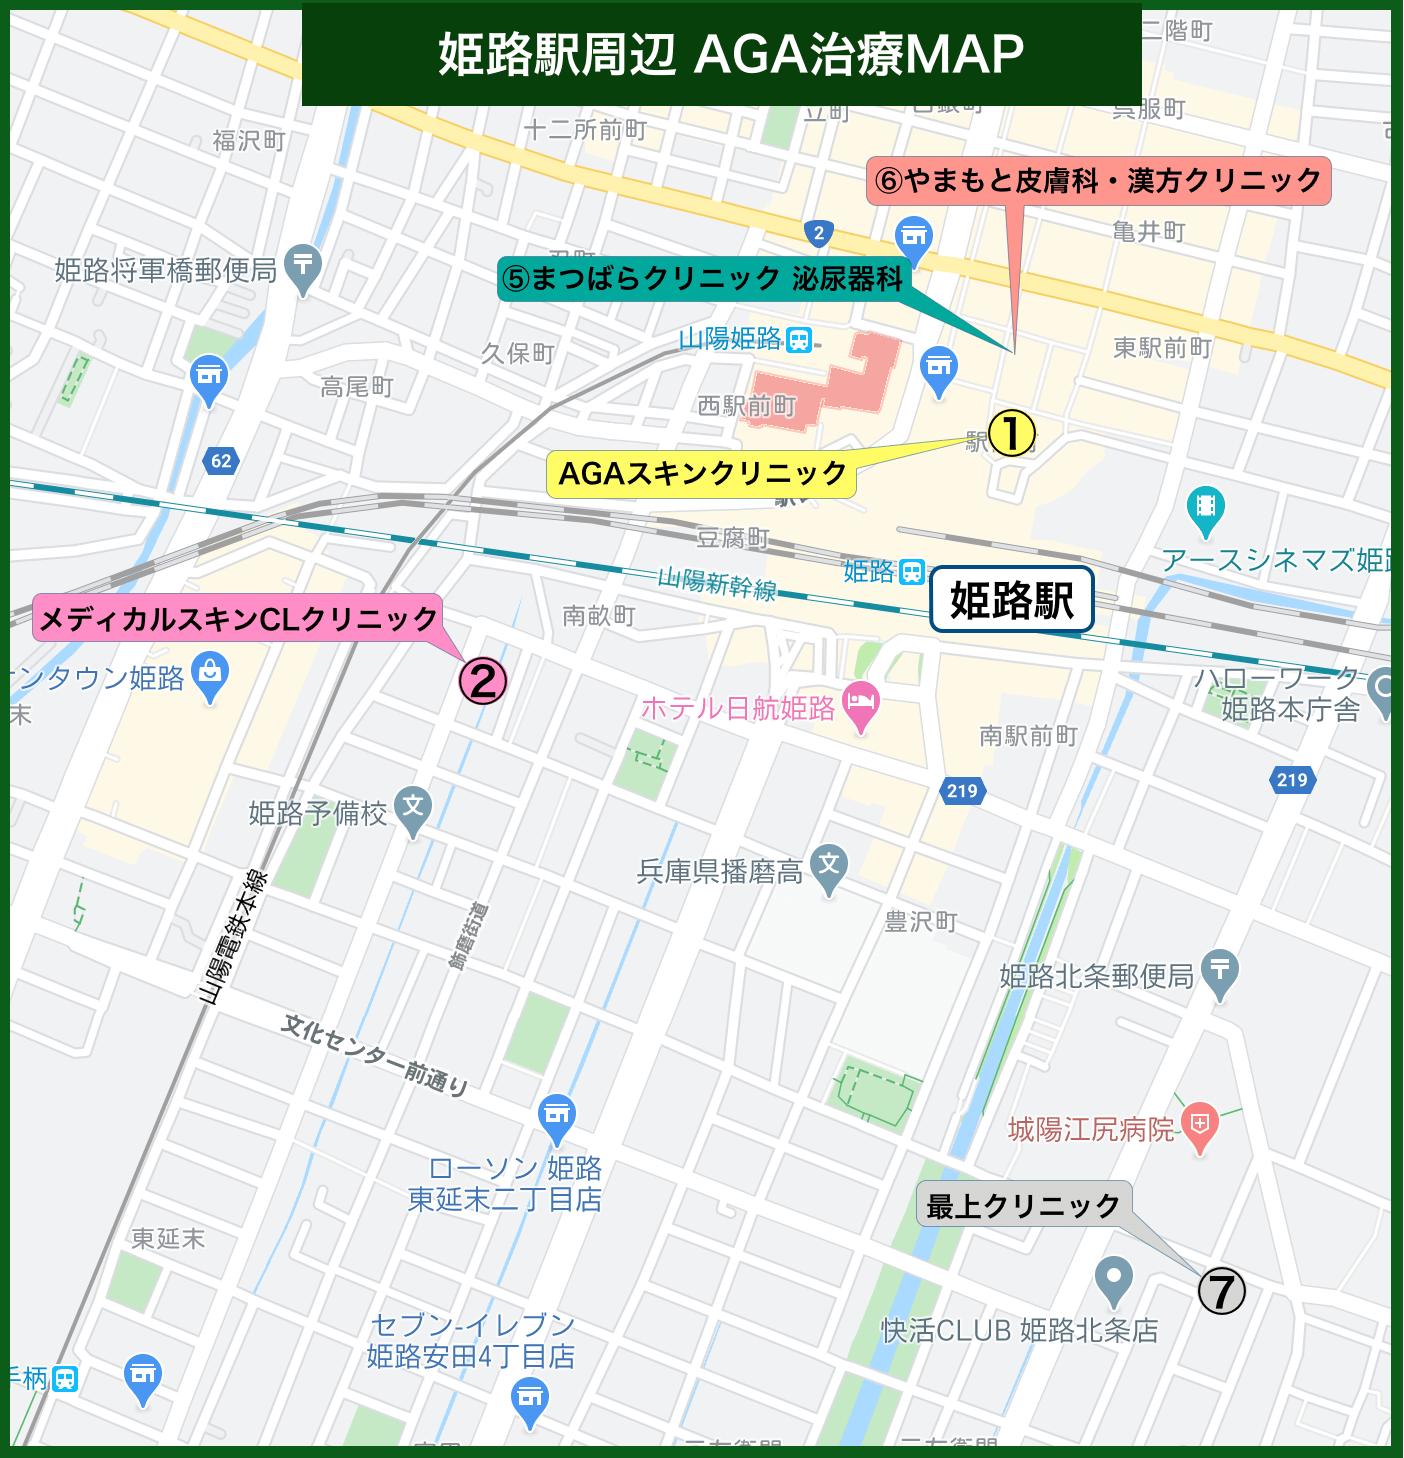 姫路駅周辺 AGA治療MAP